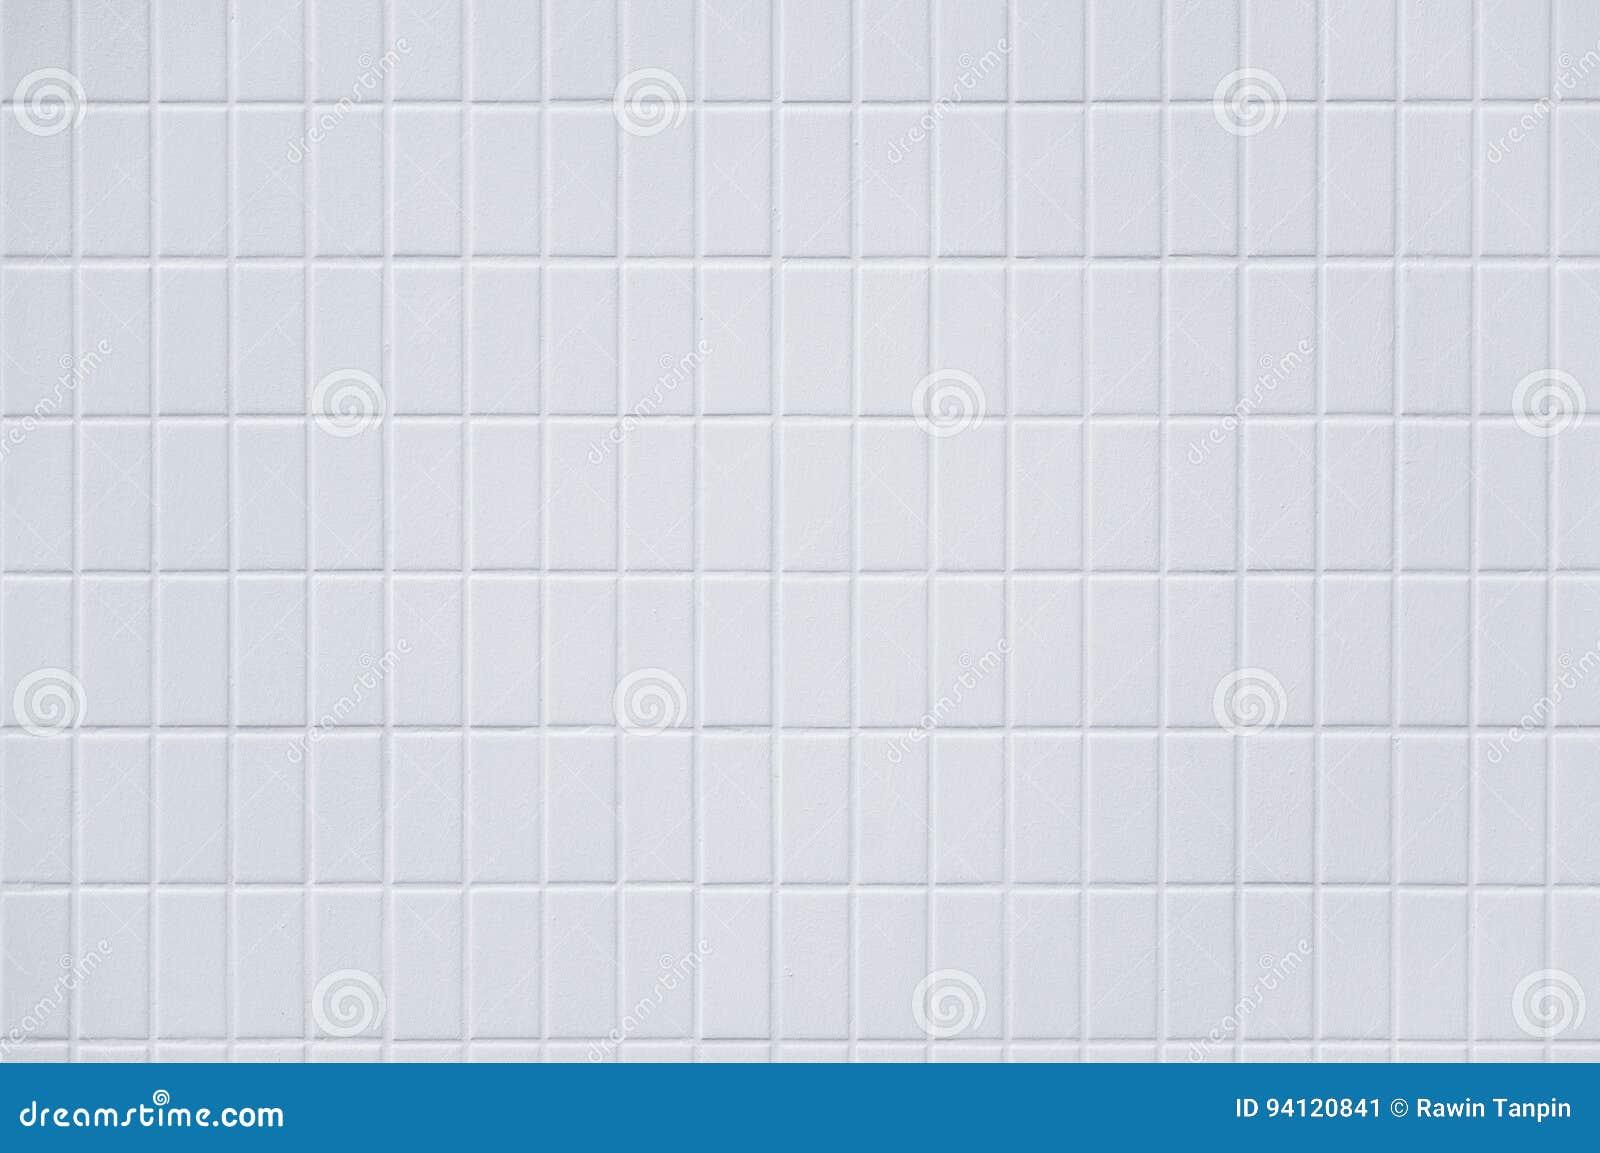 4c1f89d17da6 Azulejos, Sumário Branco Da Textura Da Parede De Tijolo Imagem de ...